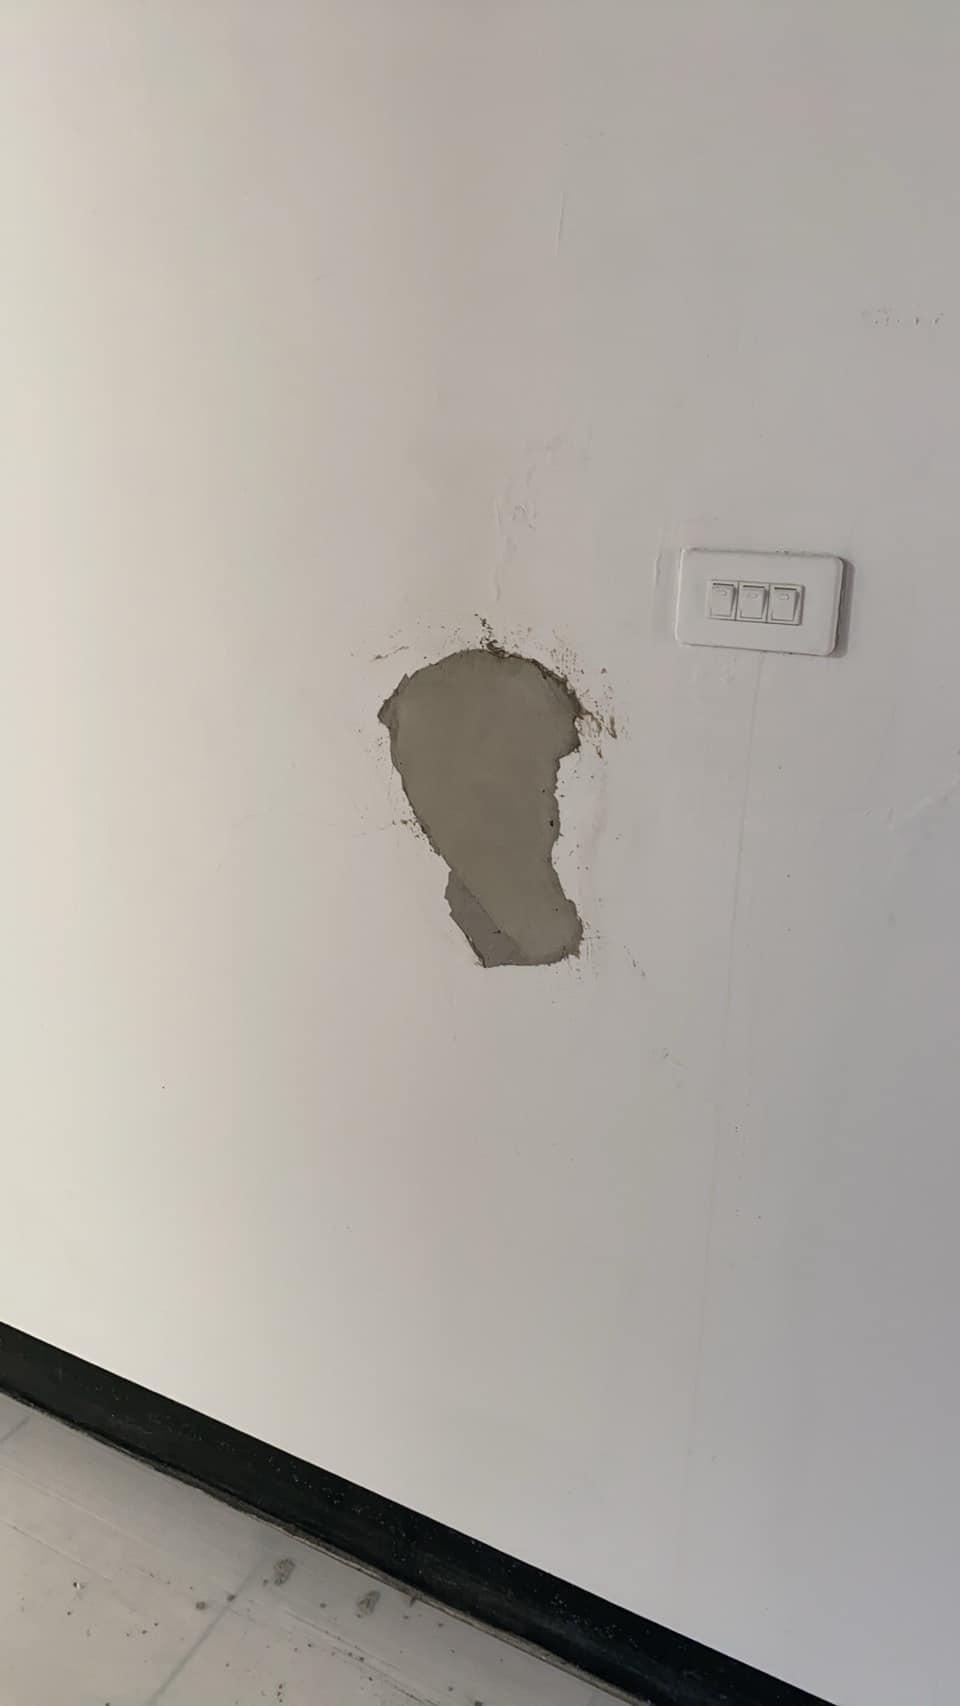 鄰居裝修把「牆壁弄破大洞」 工人敷衍「會修好」下秒直接落跑!